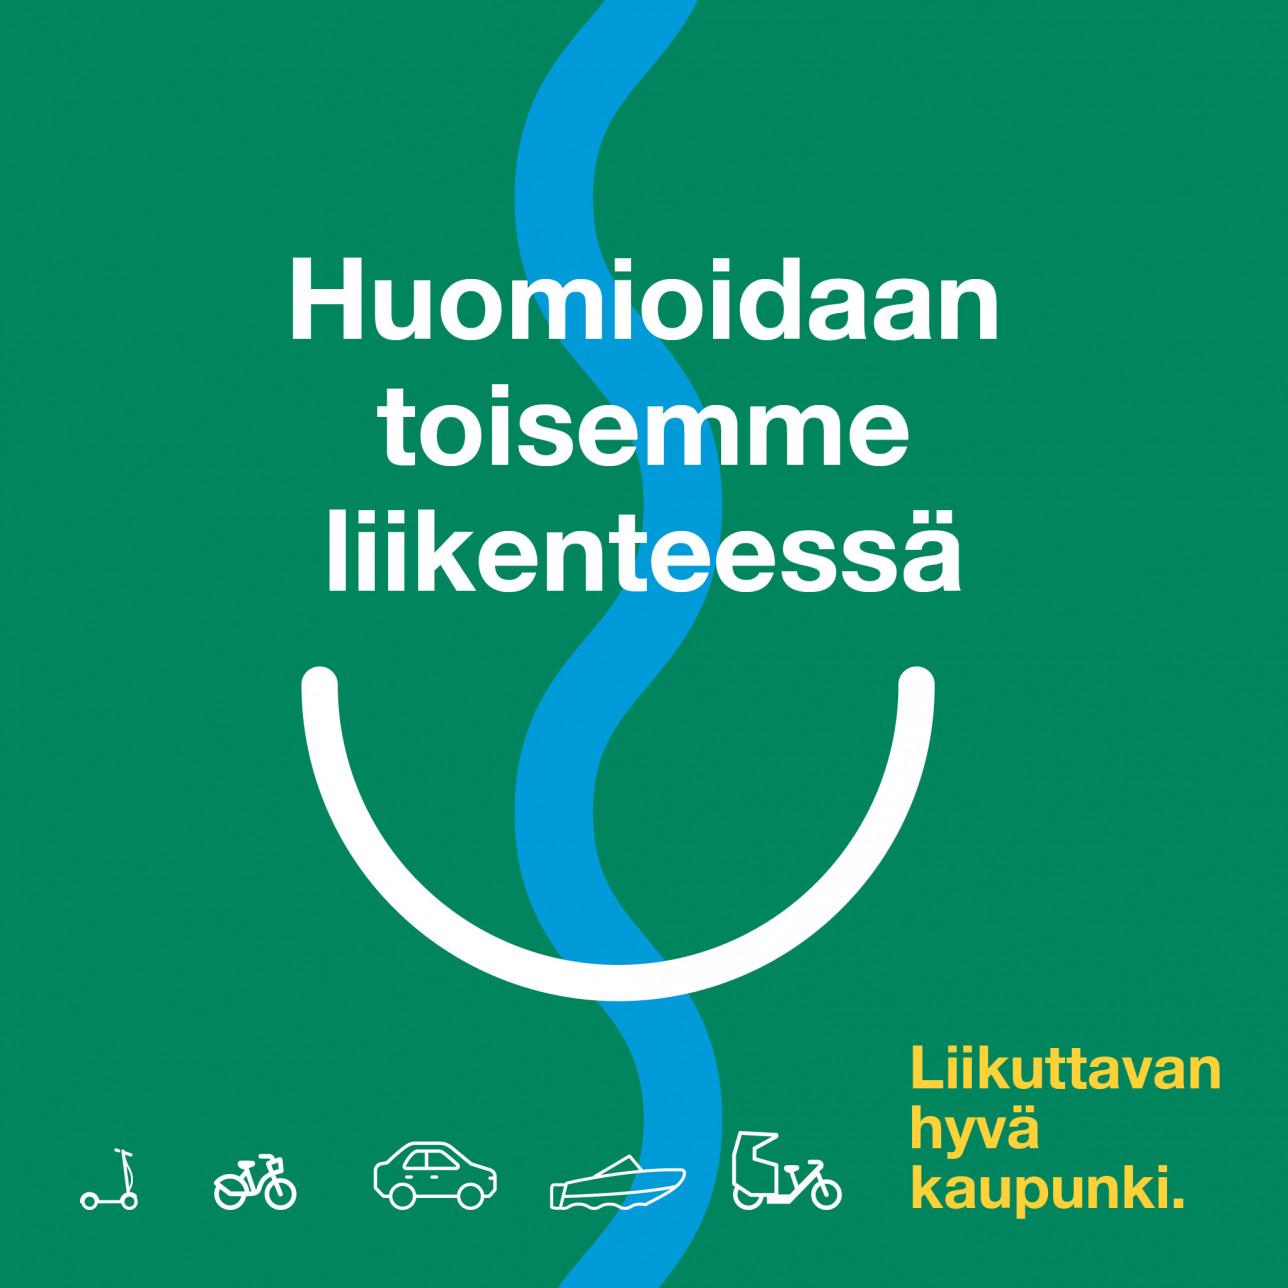 Viestintäkampanjan graafinen tunnuskuva tekstillä Huomioidaan toisemme liikenteessä